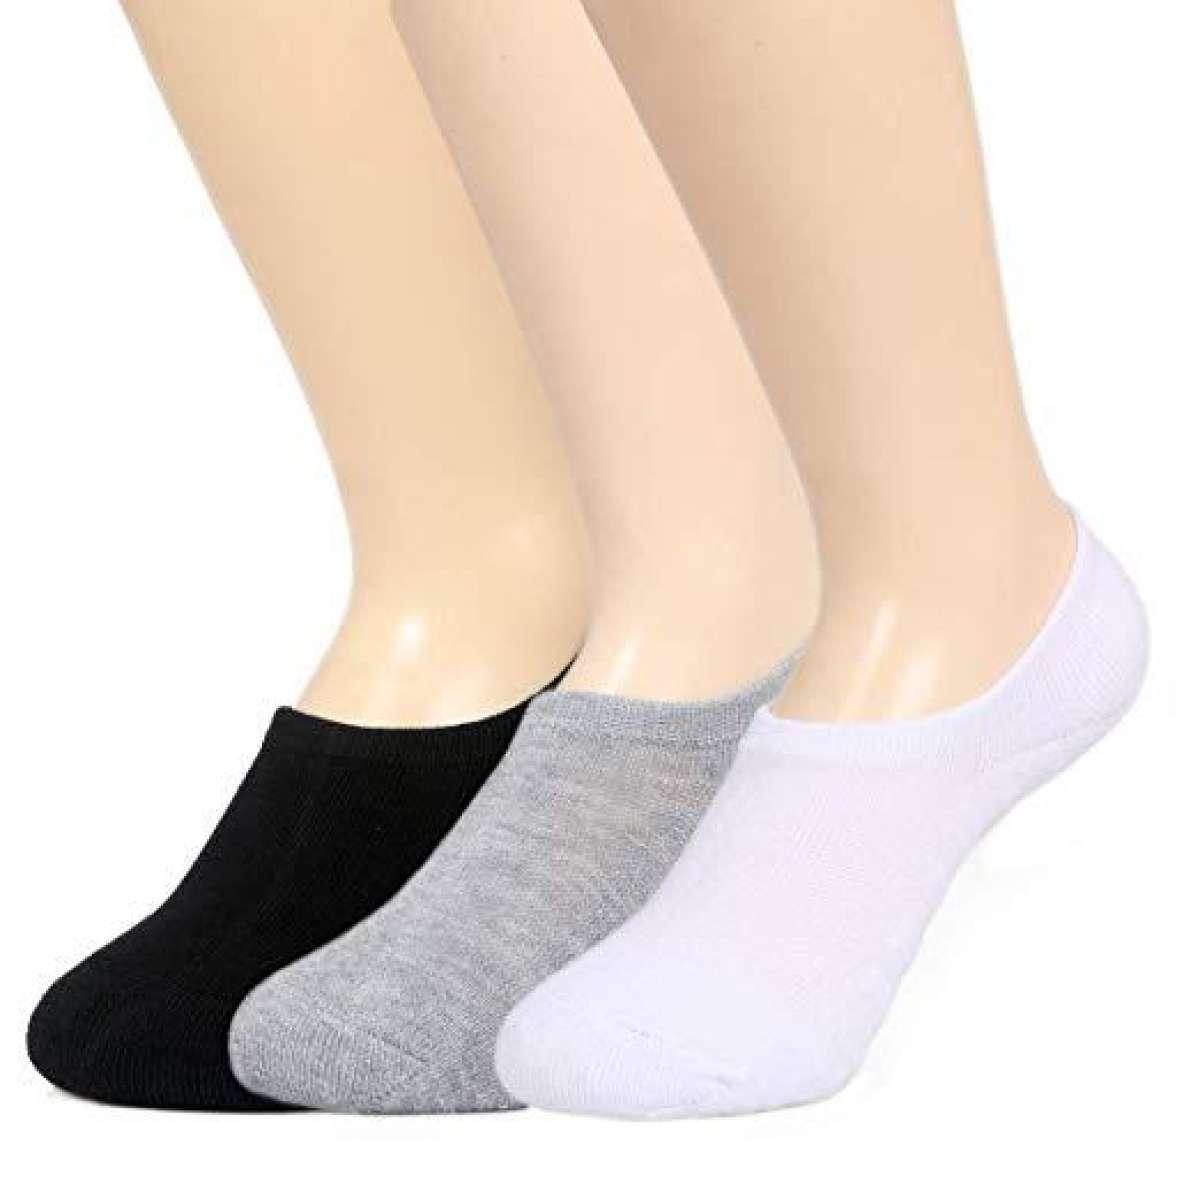 edf74640f4ff0 Women's Socks & Stockings Online in Pakistan - Daraz.pk